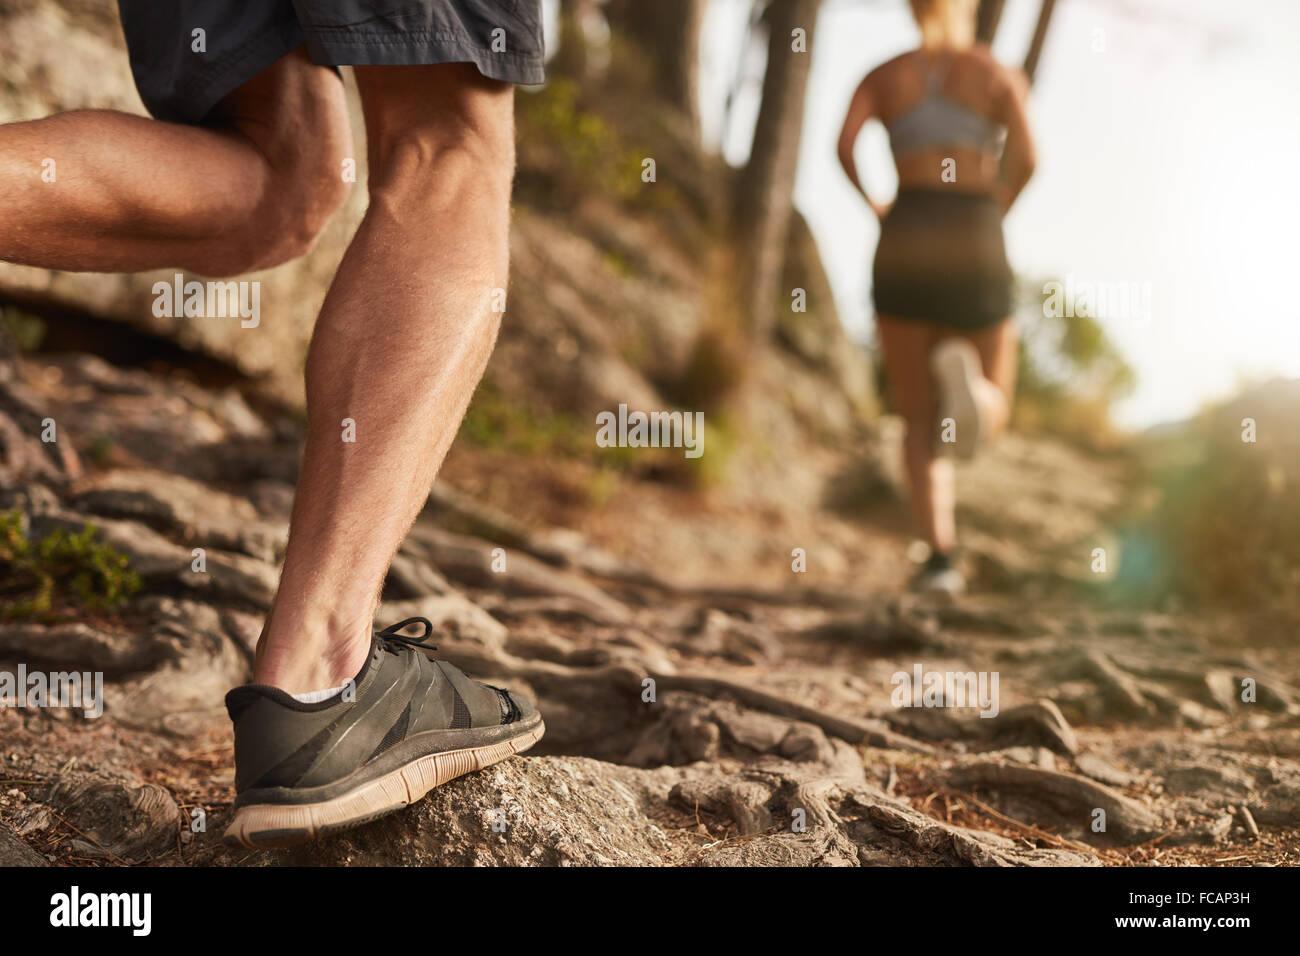 Primo piano dei maschi di piedi corrono attraverso il terreno roccioso. Cross country in esecuzione con focus su Immagini Stock